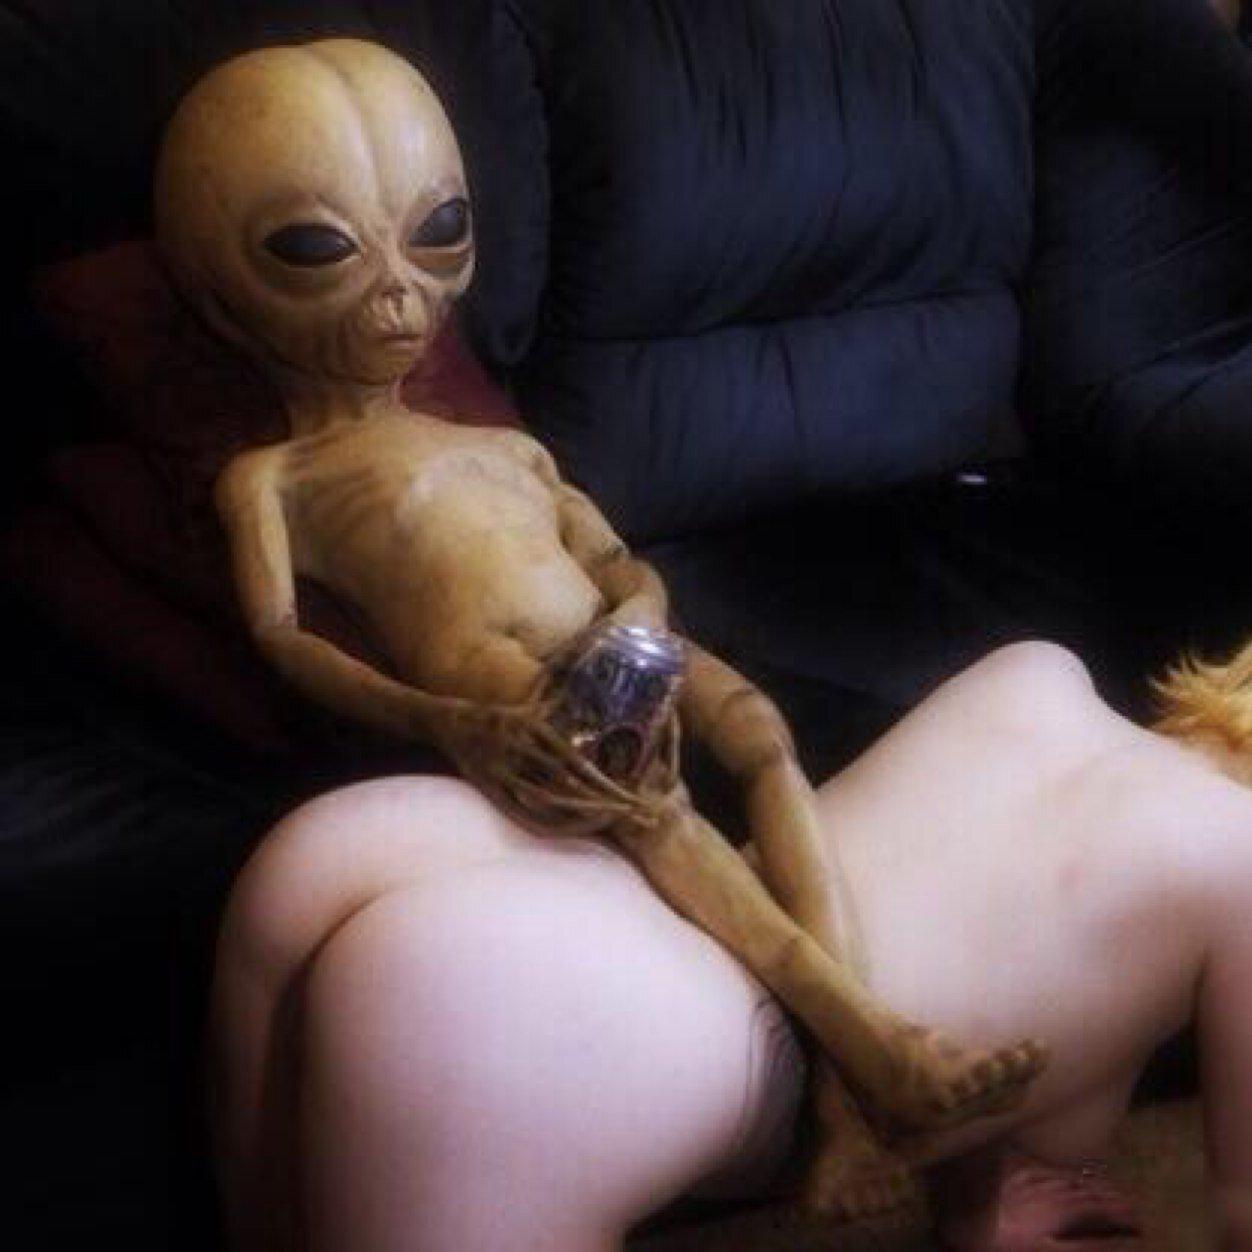 Alien sex videos hentay video